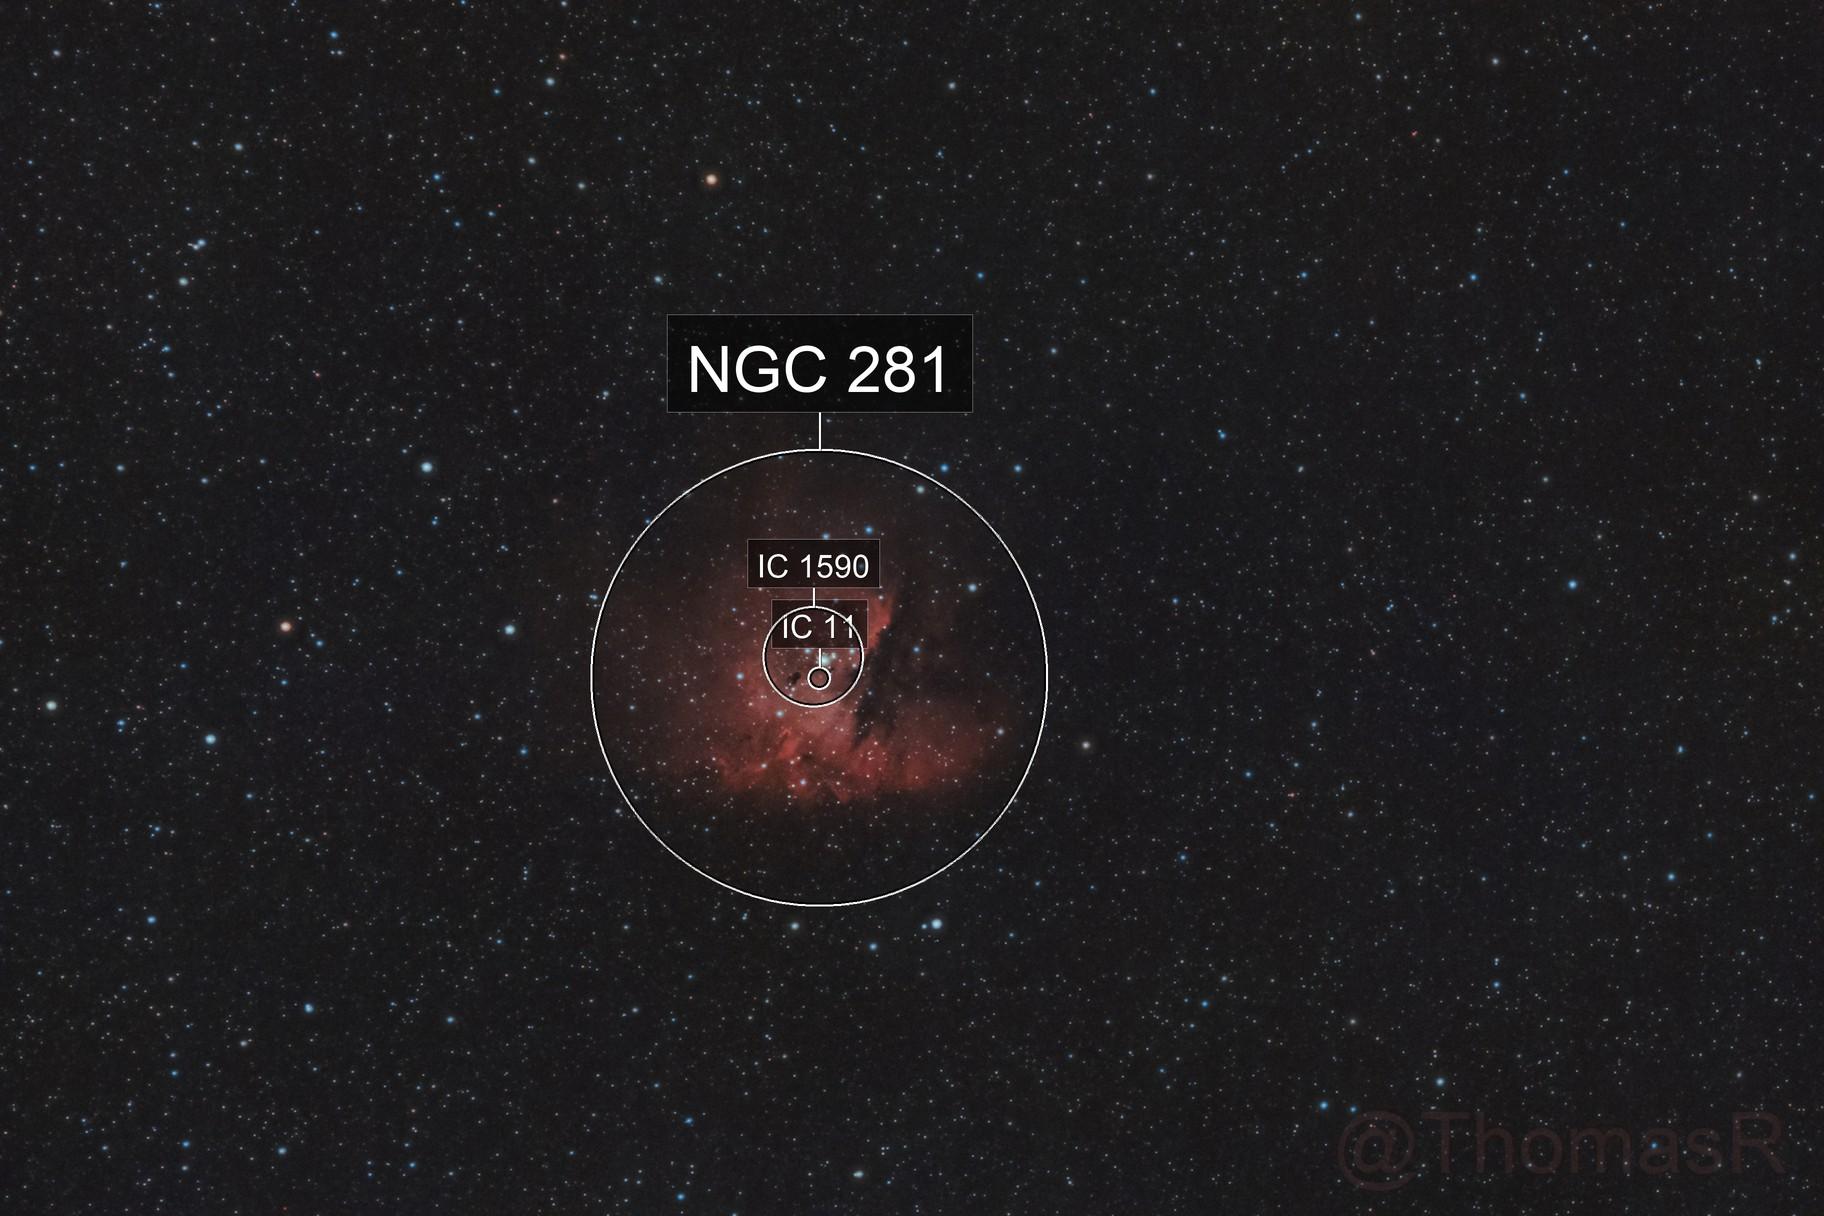 NGC 281: The Pacman Nebula